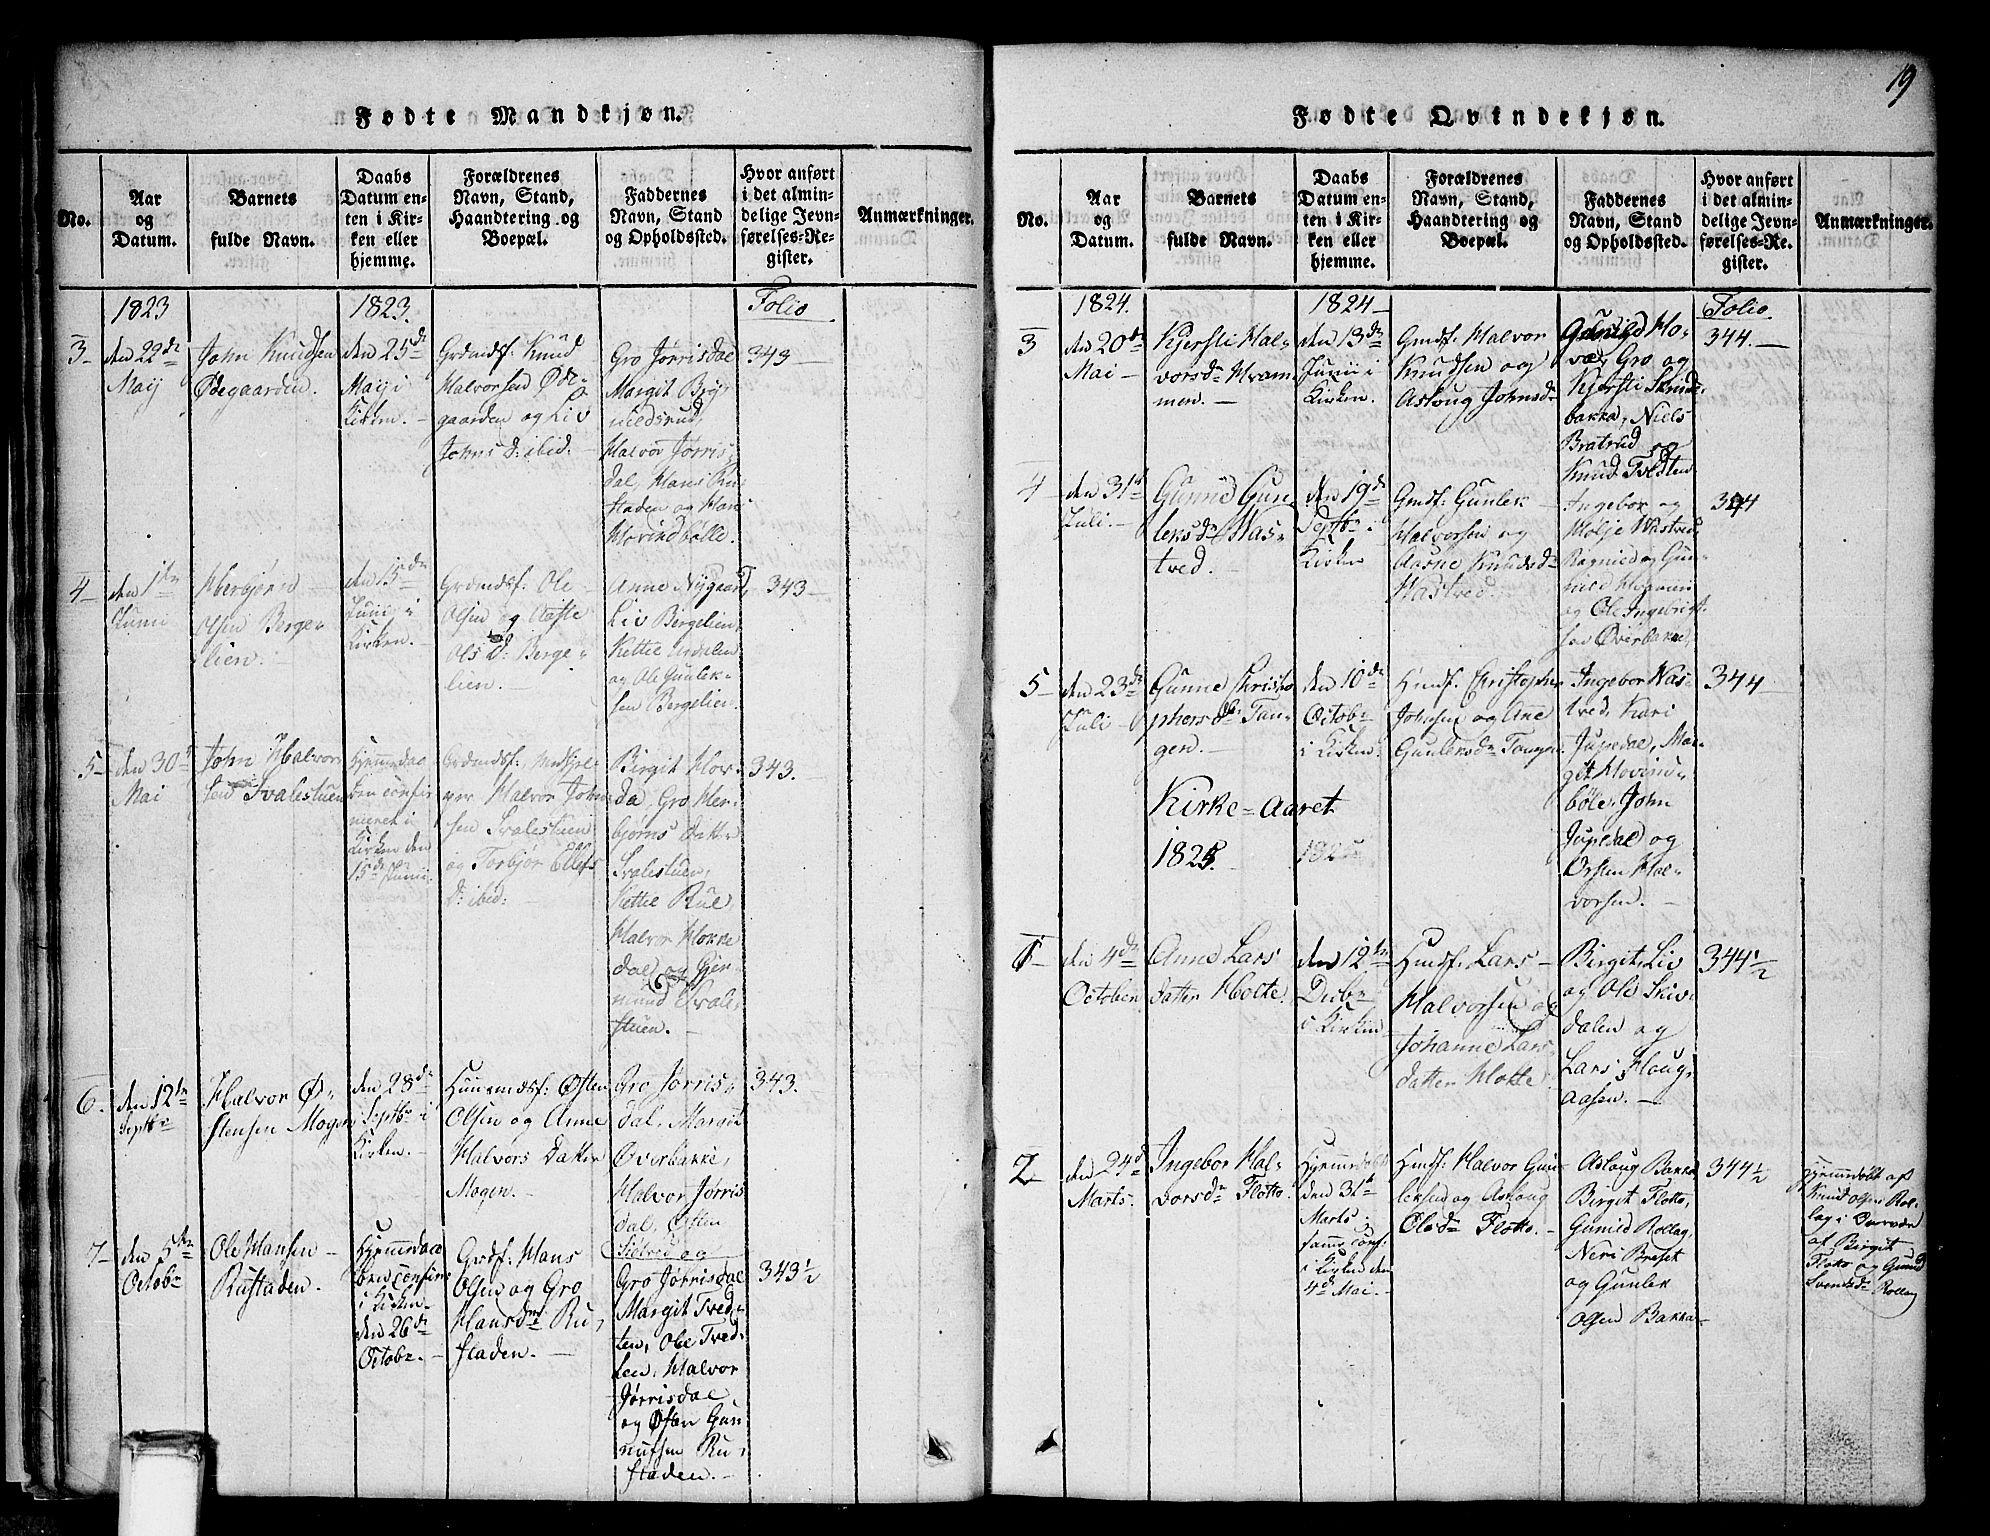 SAKO, Gransherad kirkebøker, G/Gb/L0001: Klokkerbok nr. II 1, 1815-1860, s. 19